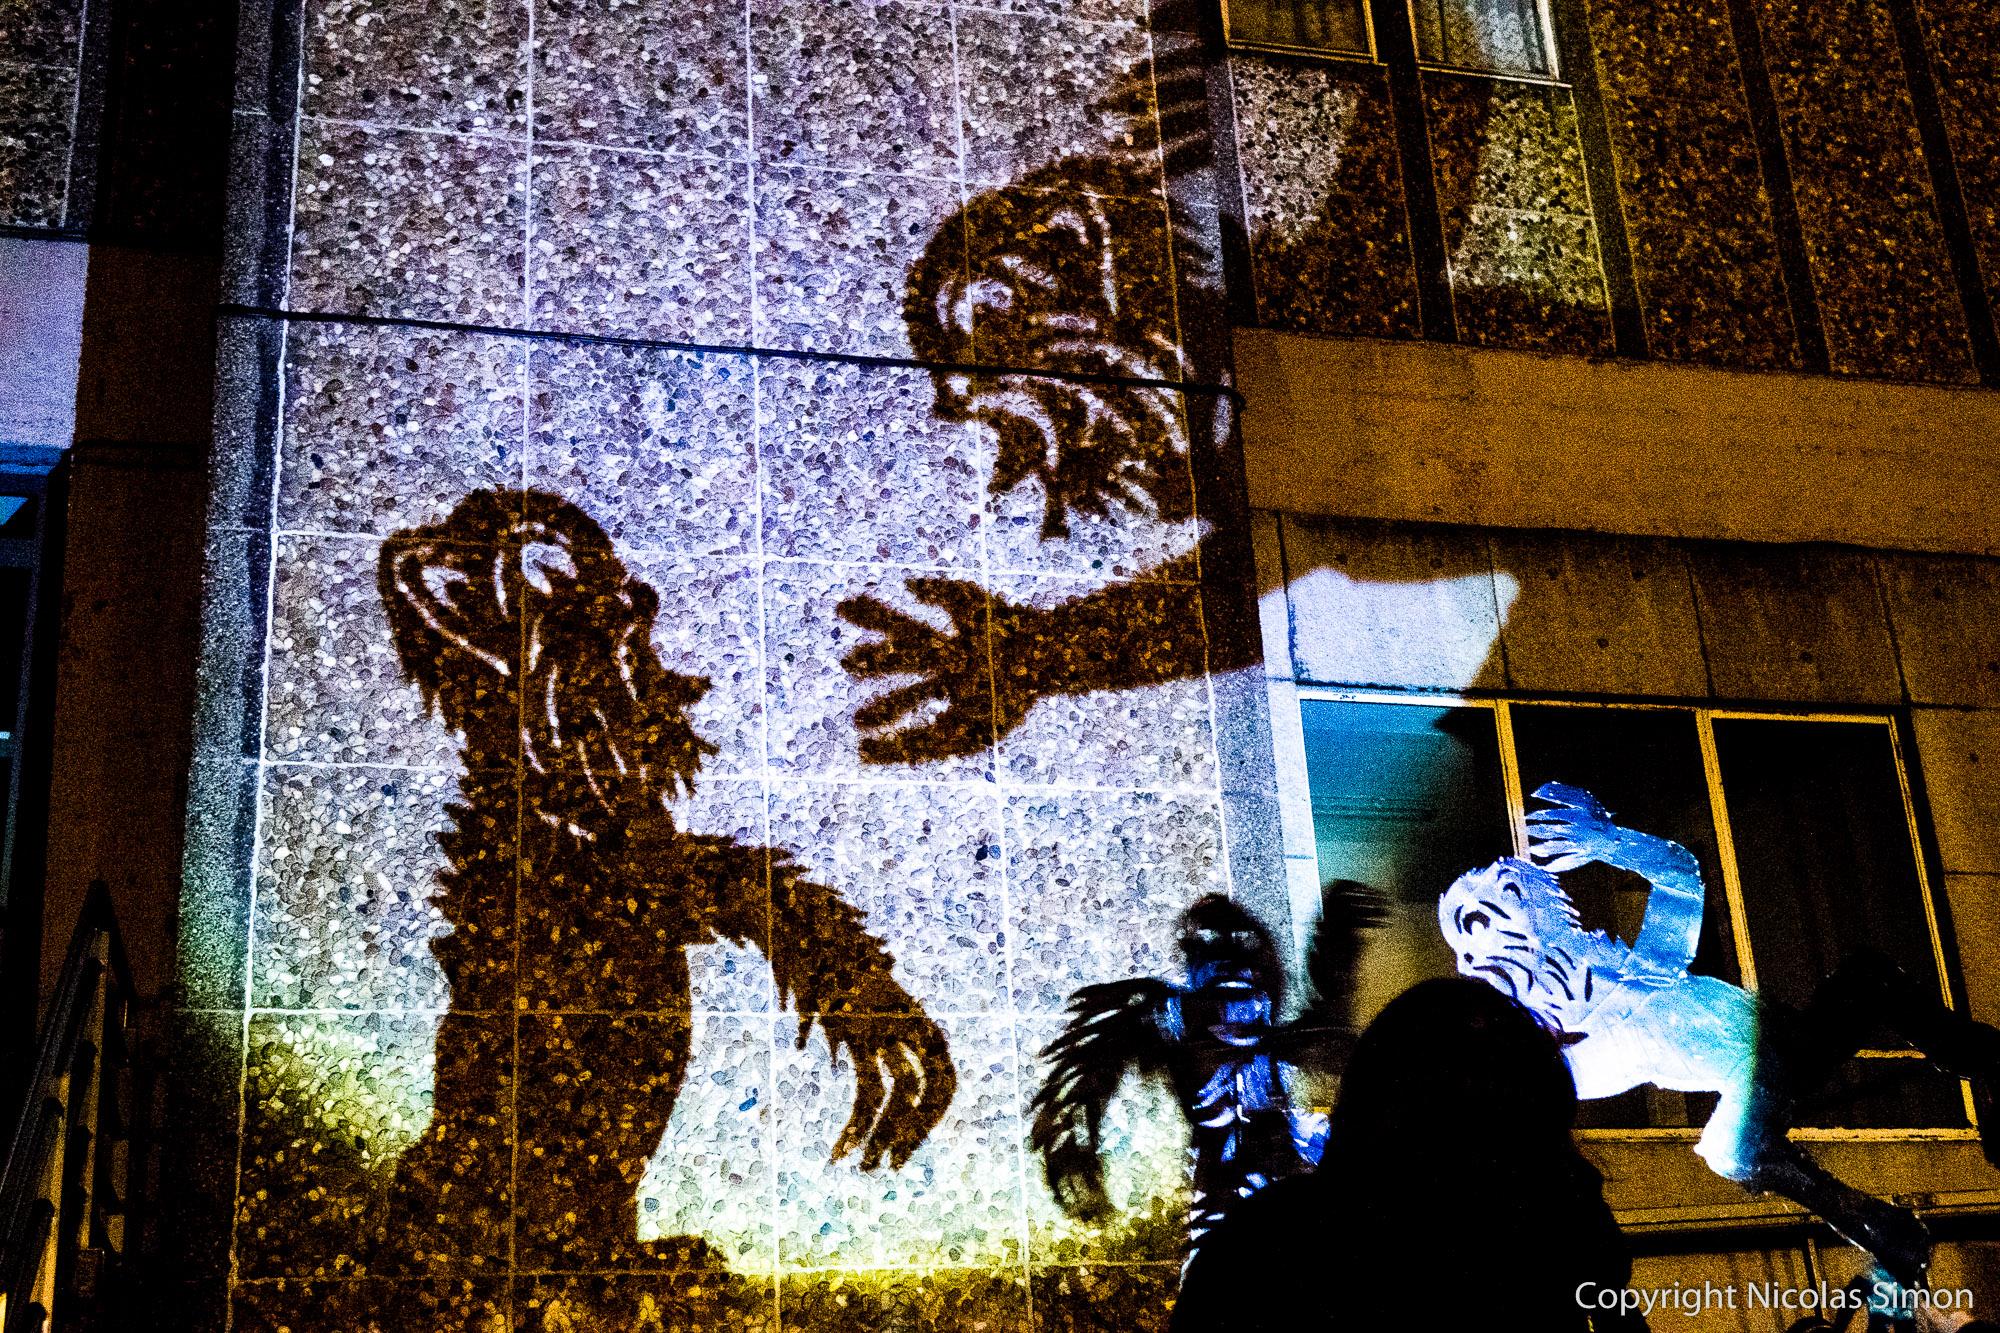 ombres-geantes-animalia_019-01597